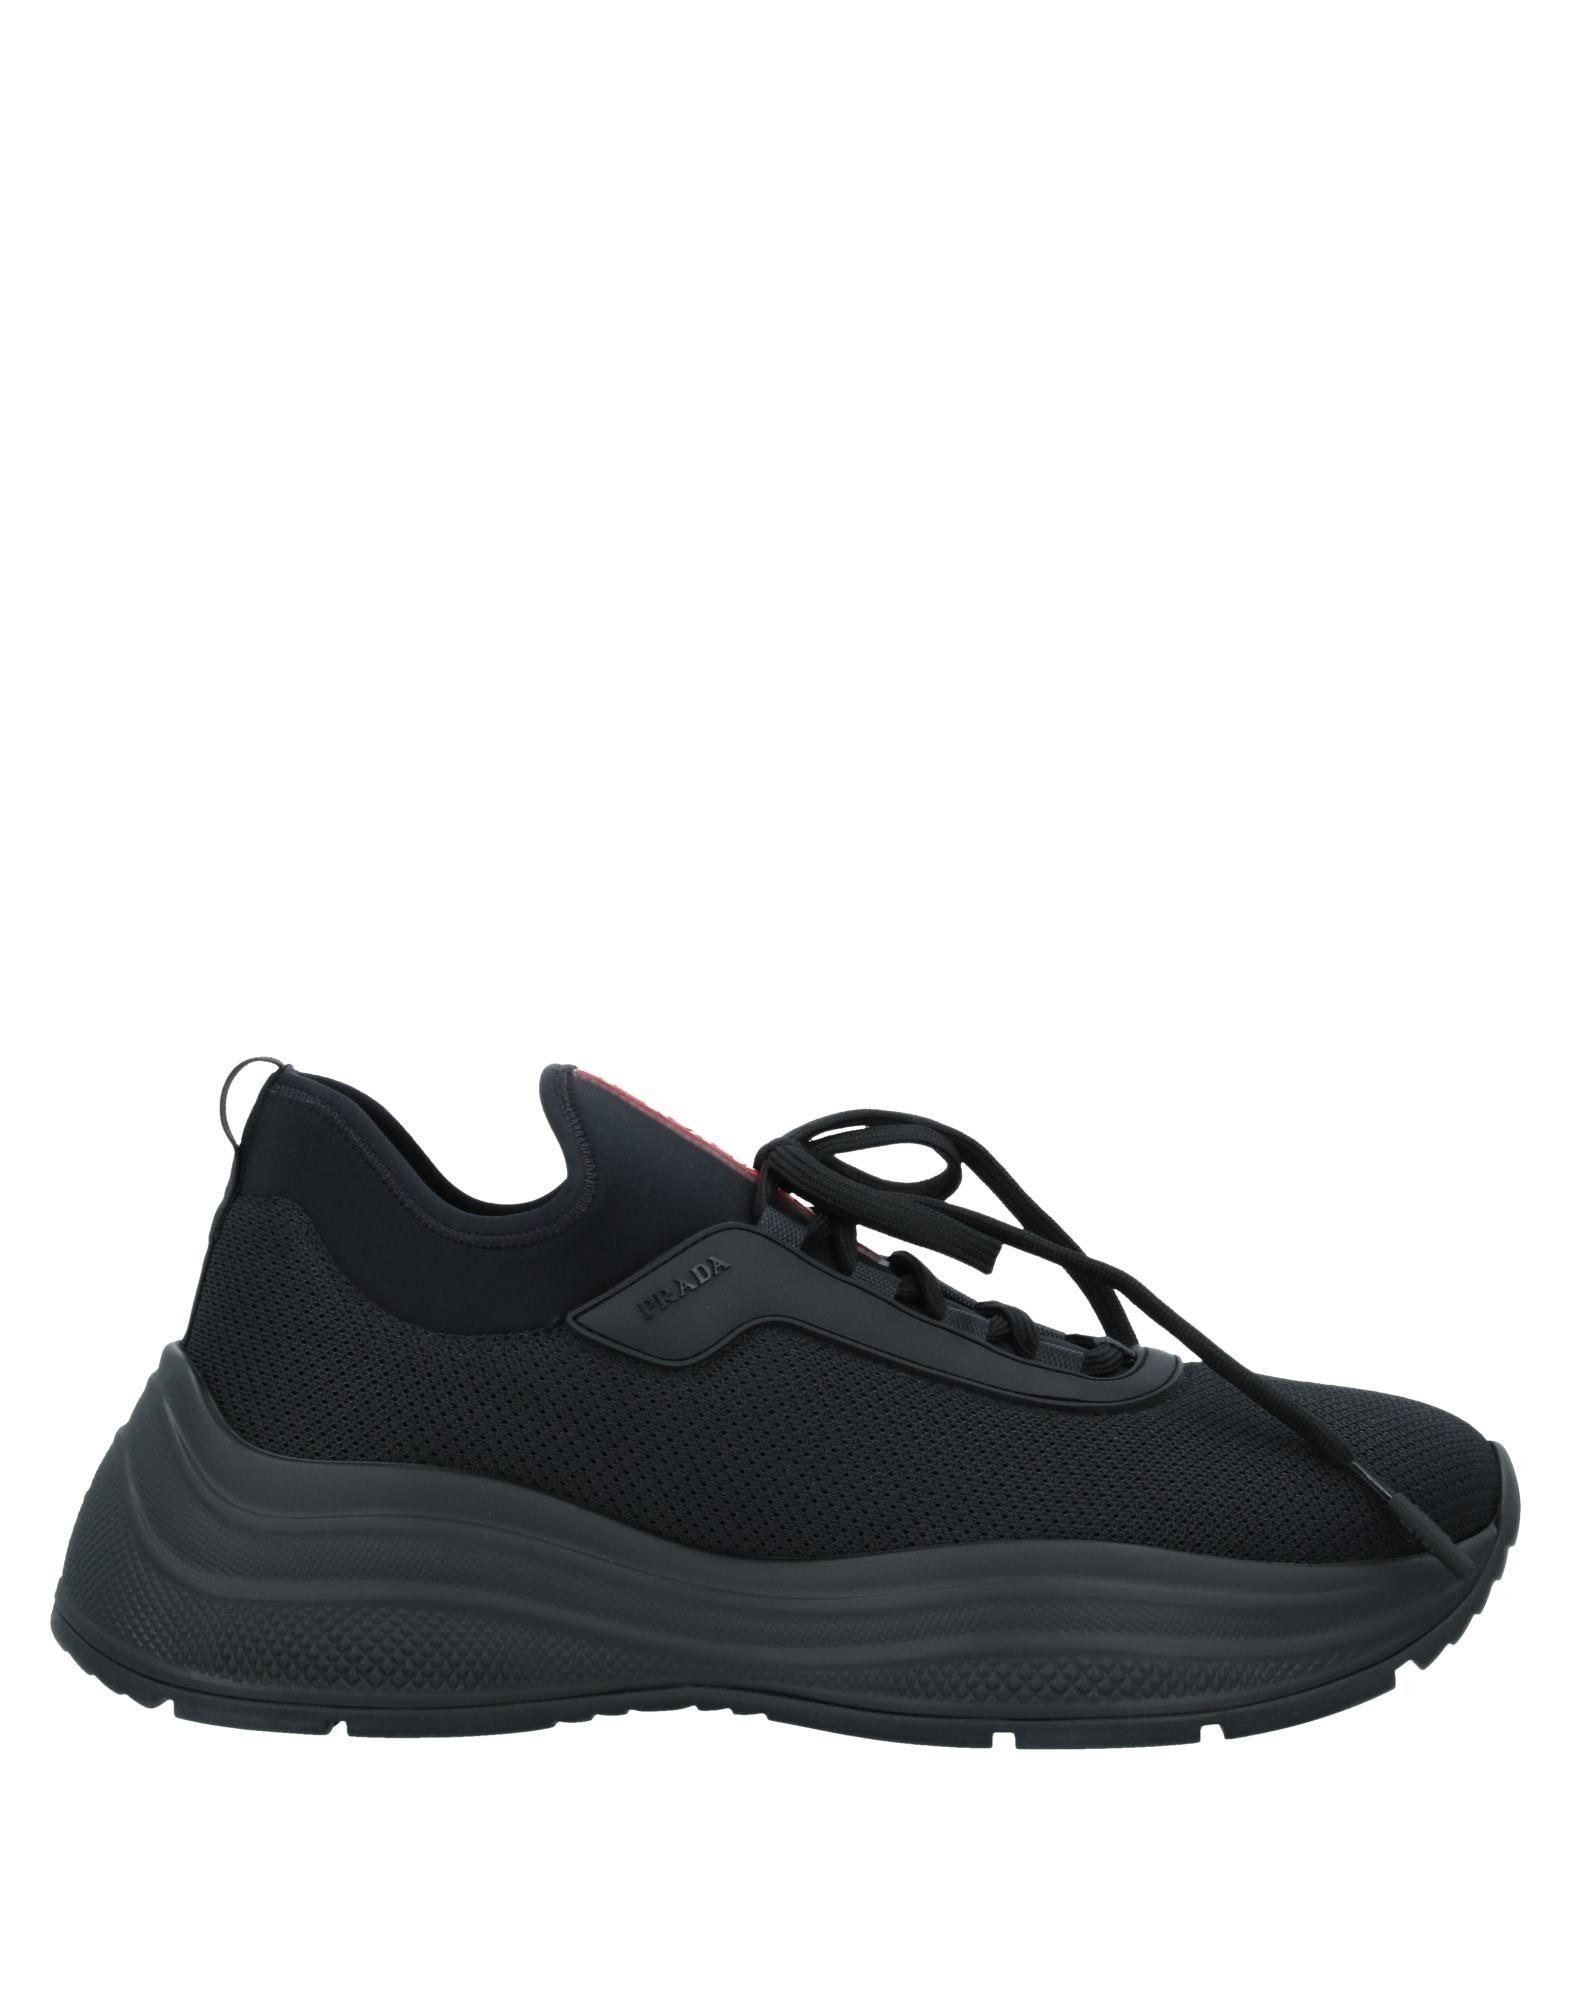 PRADA LINEA ROSSA Low-tops & sneakers - Item 11919725